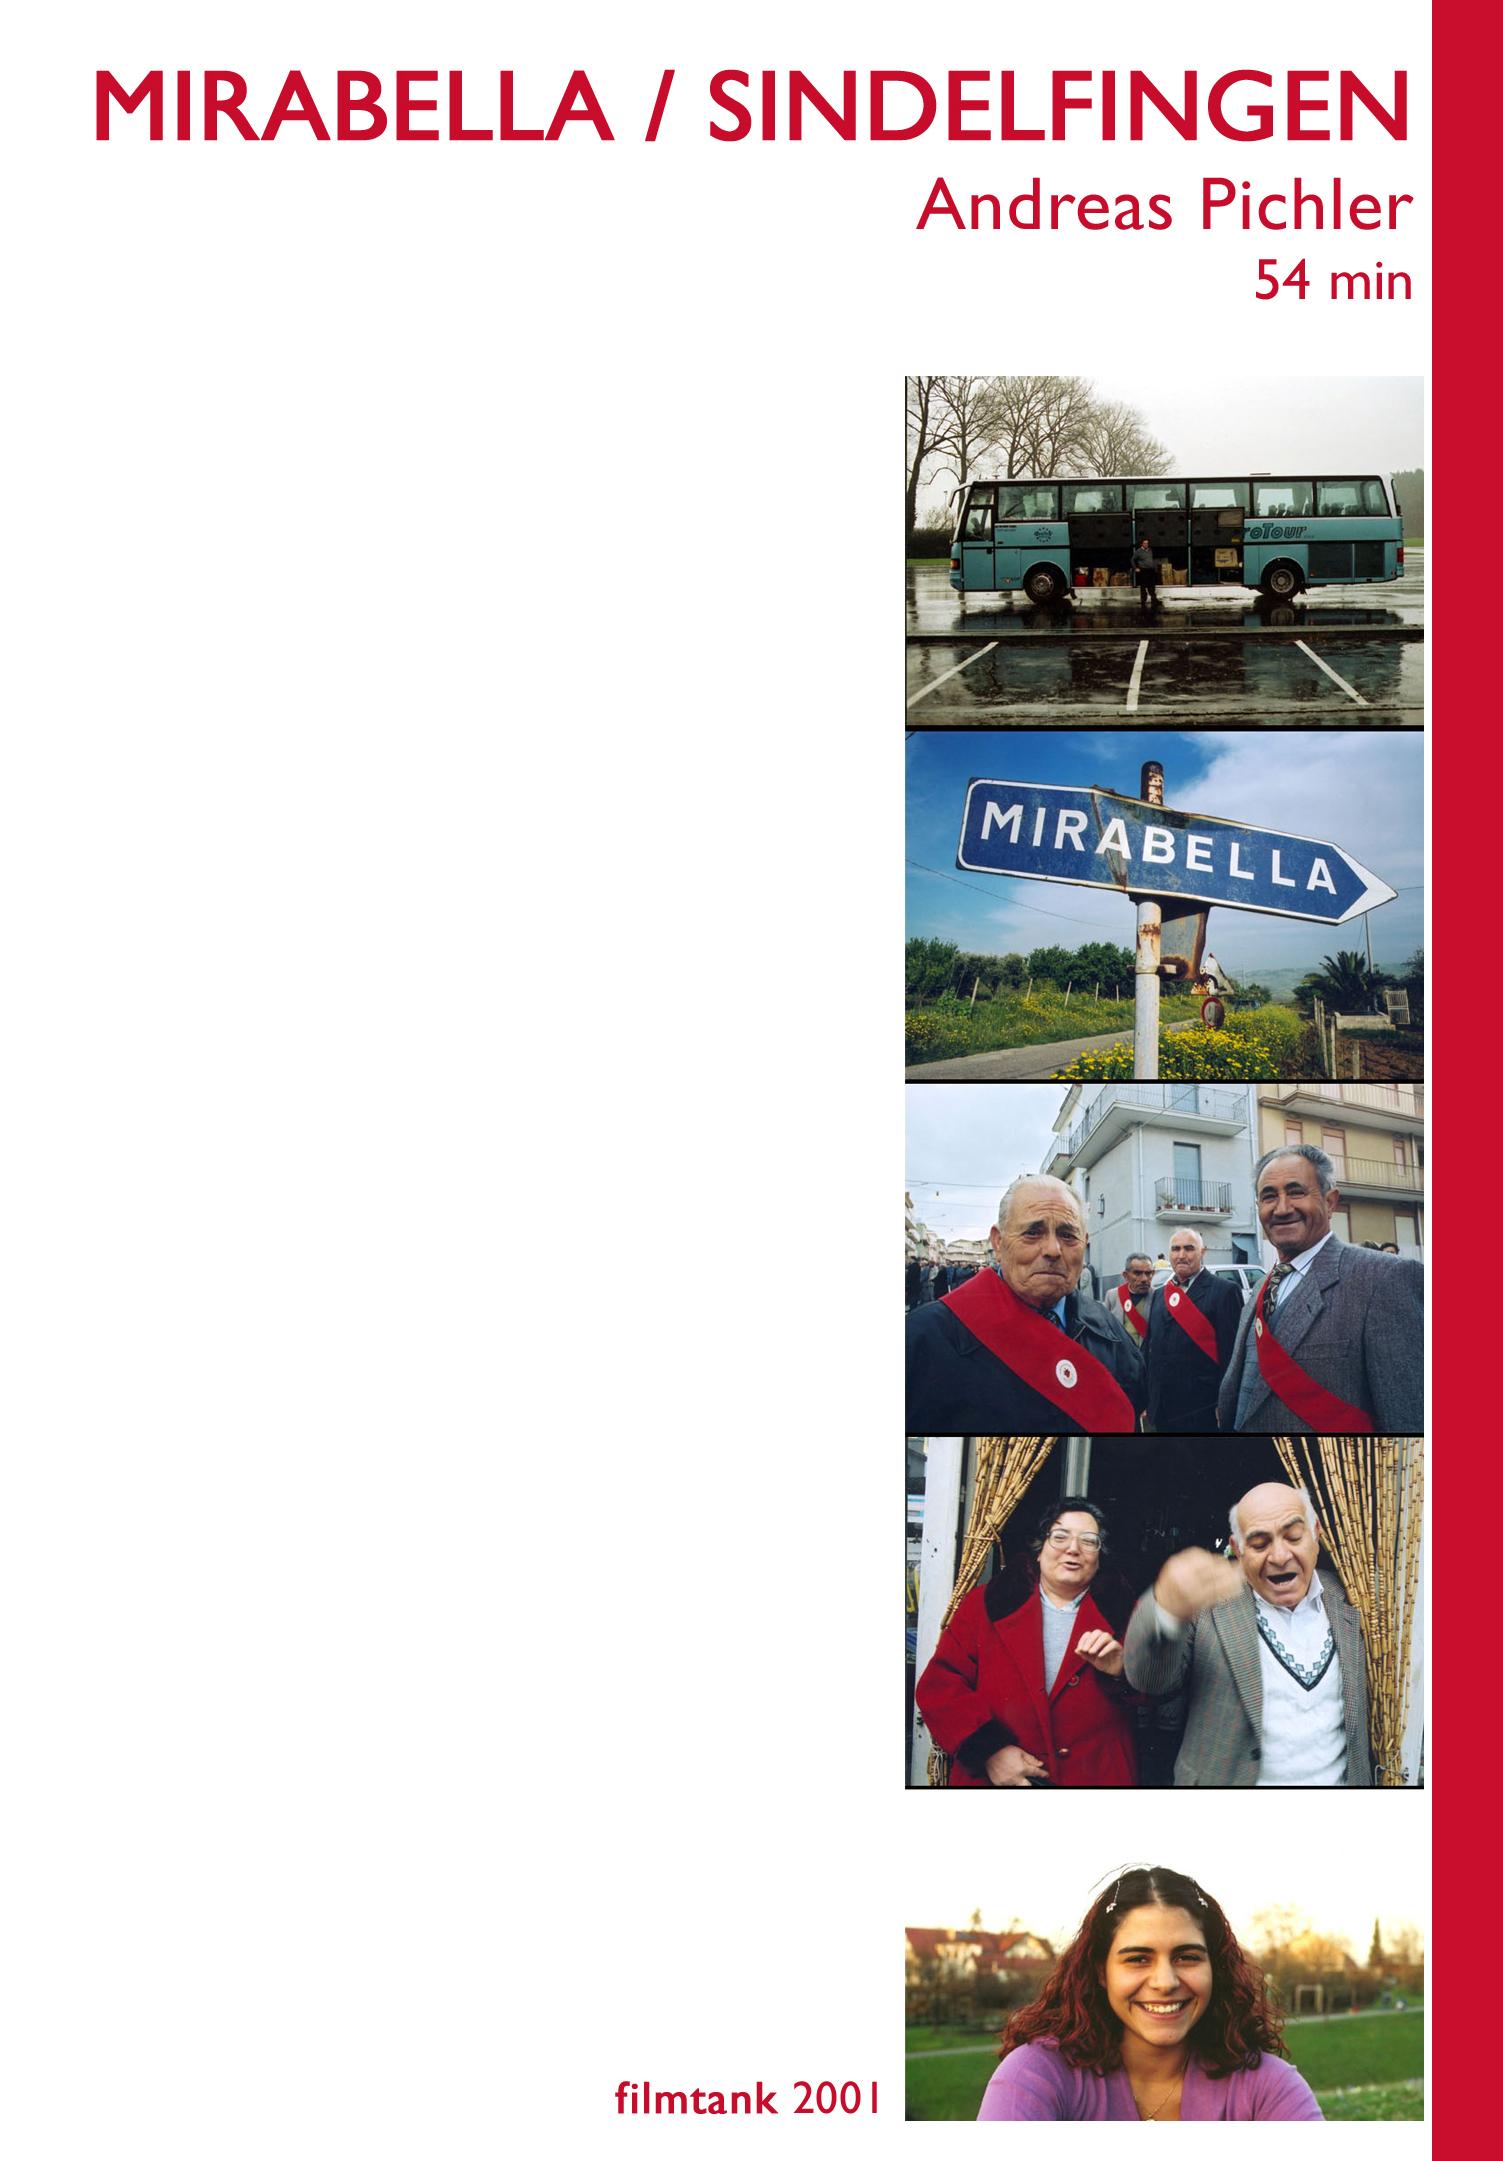 Mirabella Sindelfingen_dvd